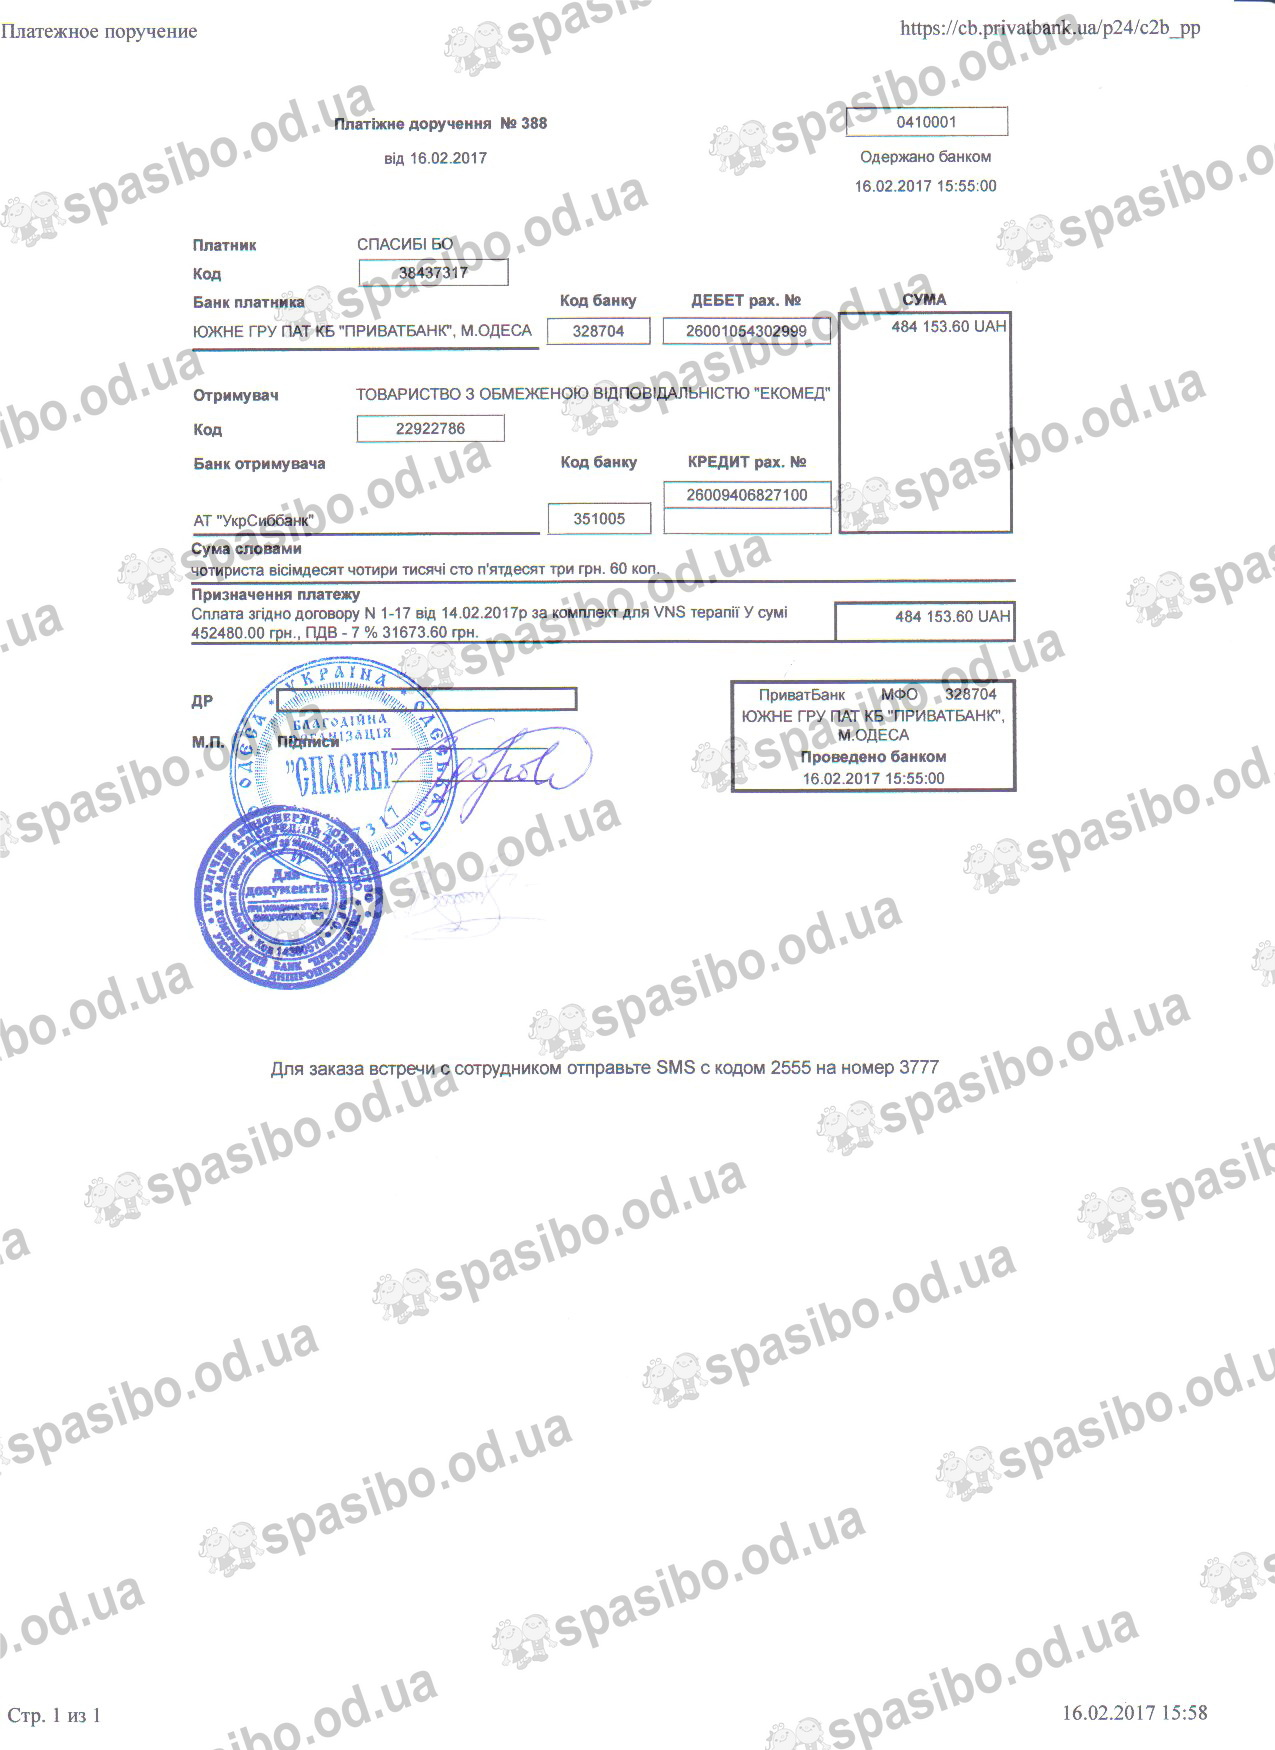 Платіжне доручення № 388 від 16.02.2017